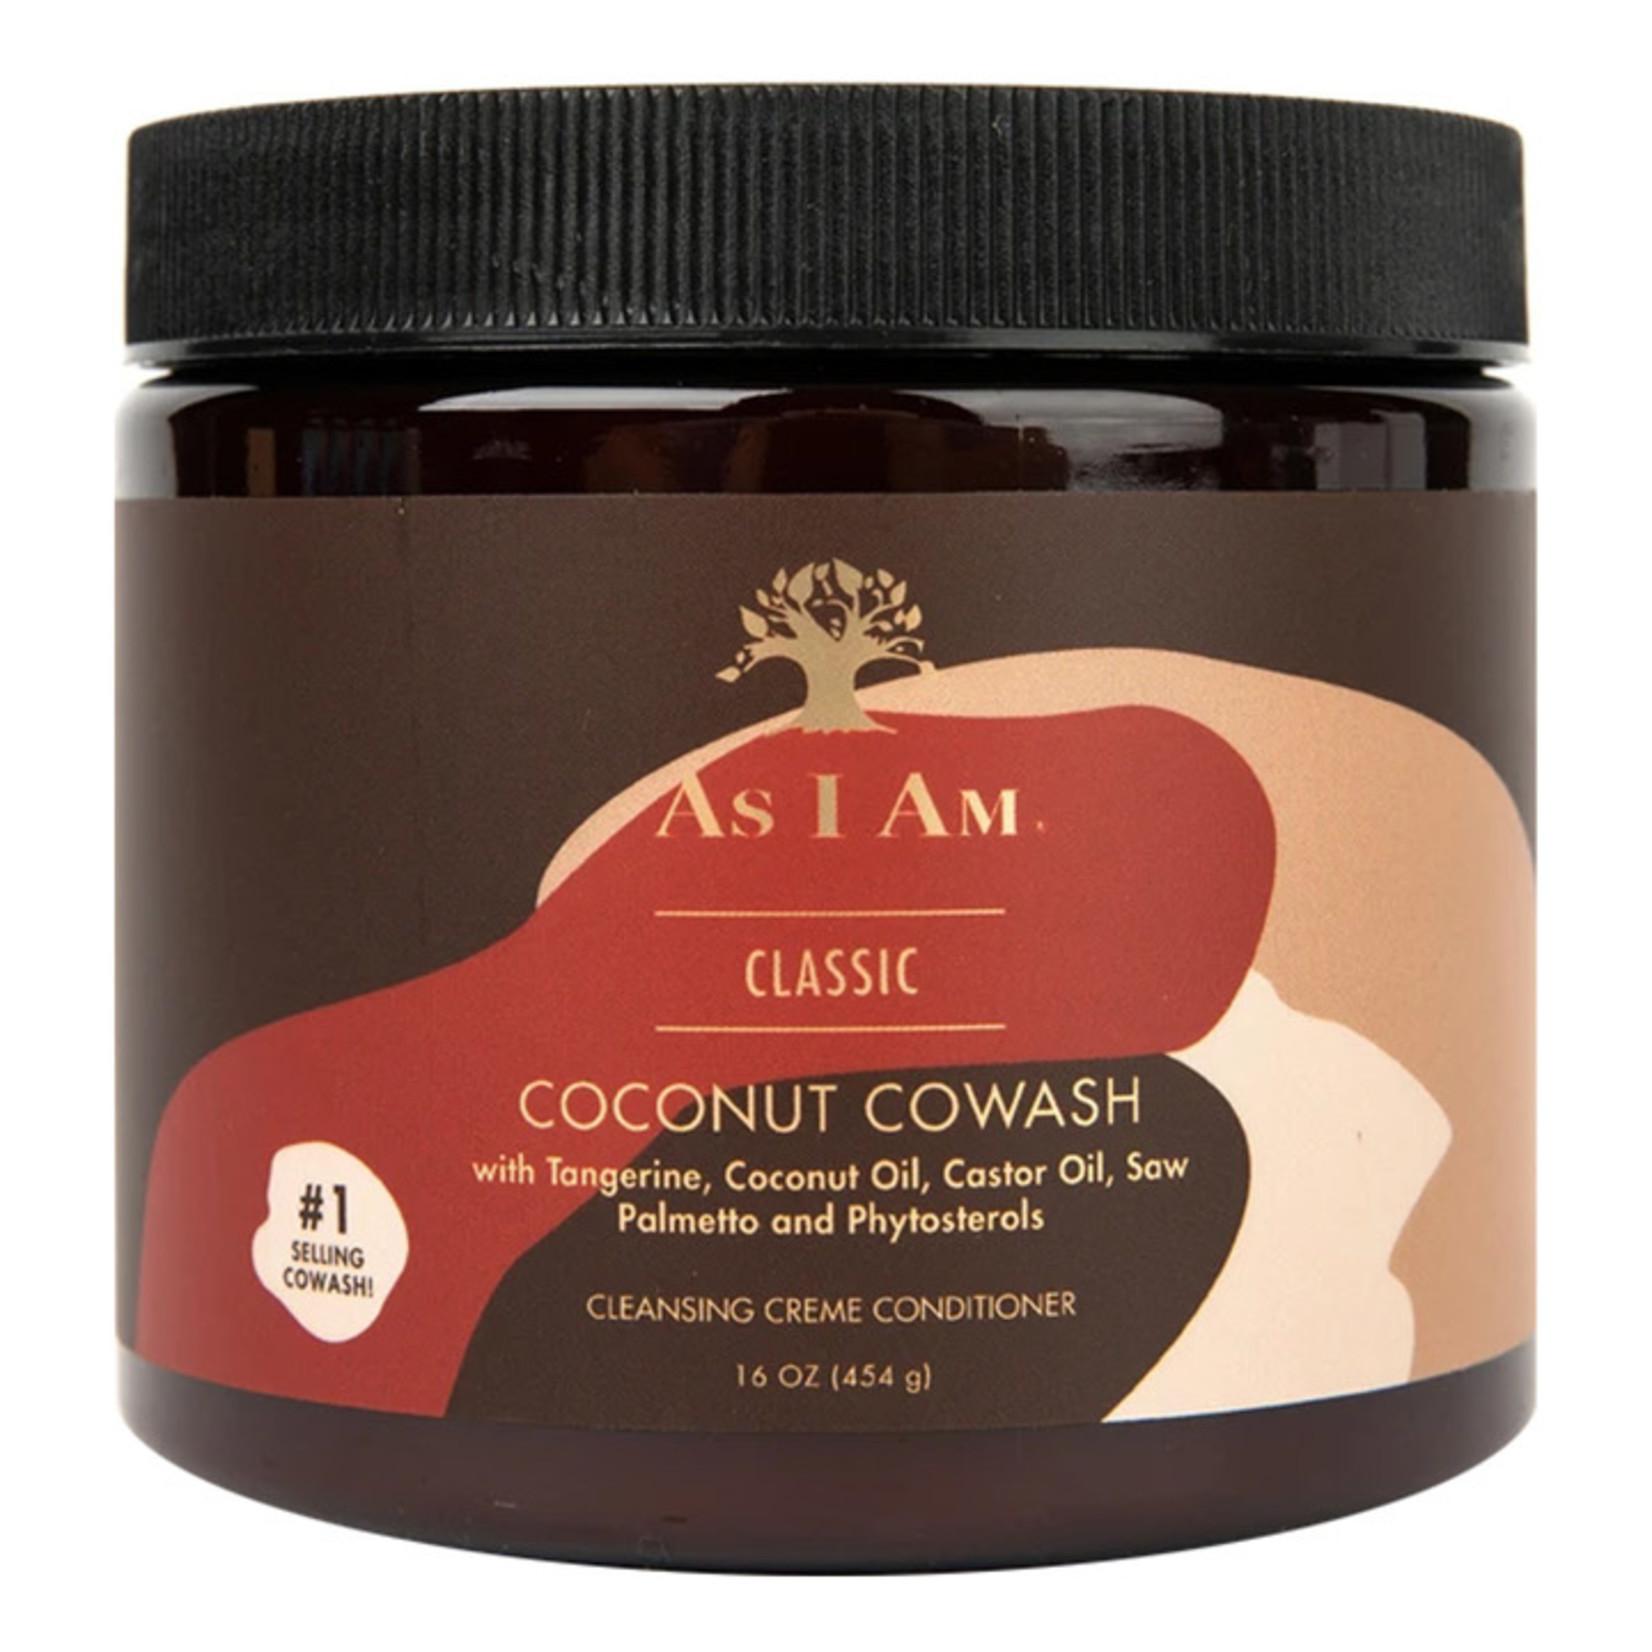 AS I AM AS I AM COCONUT COWASH [160Z]